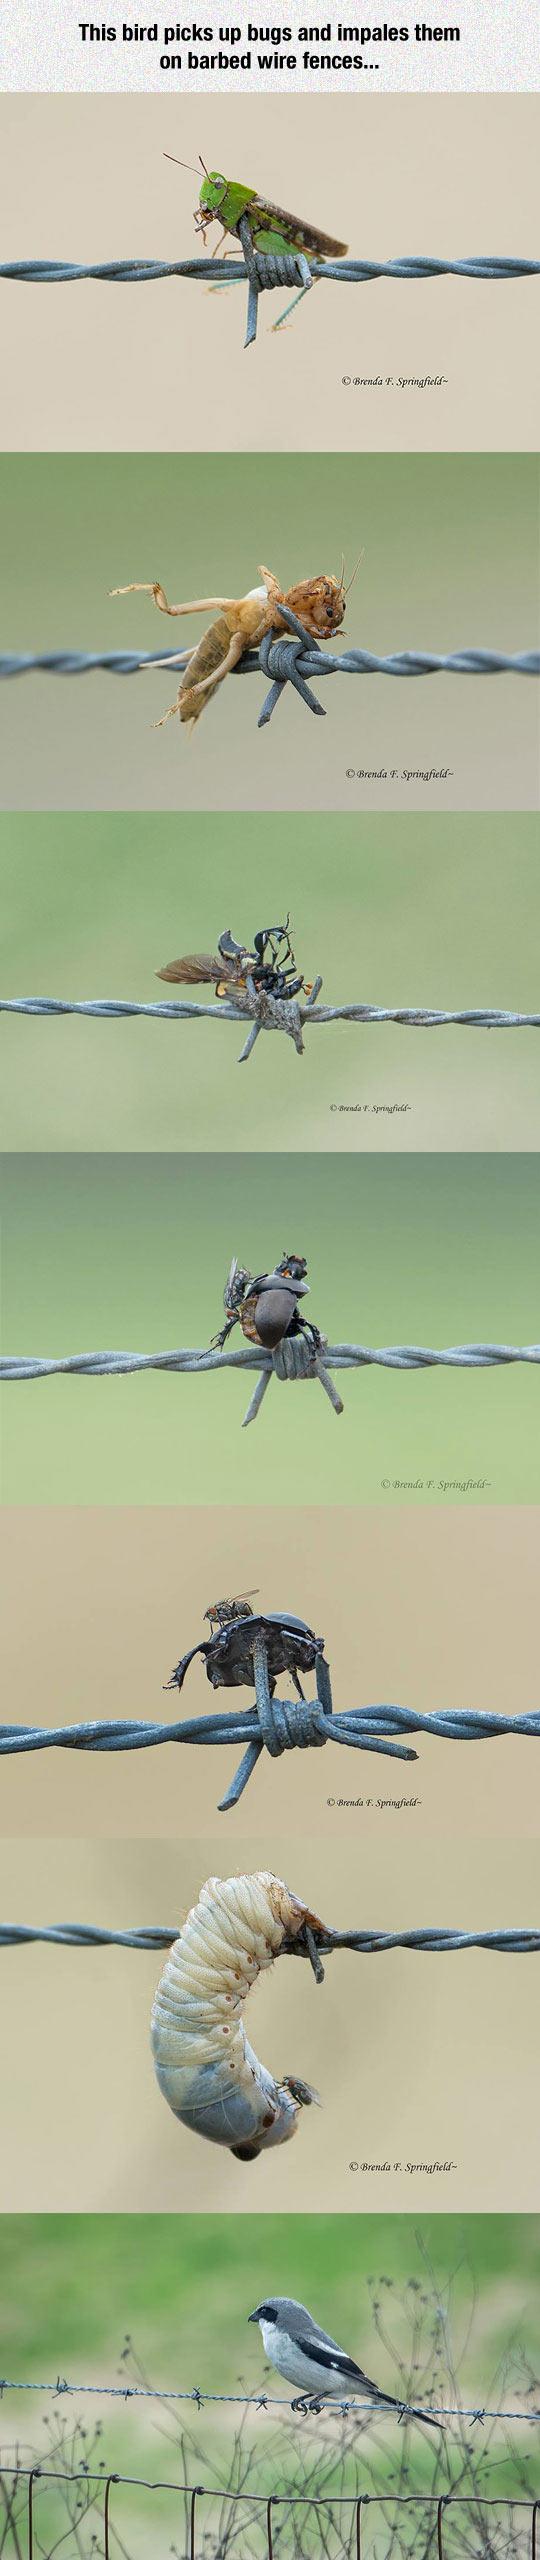 funny-impaled-bug-fence-bird